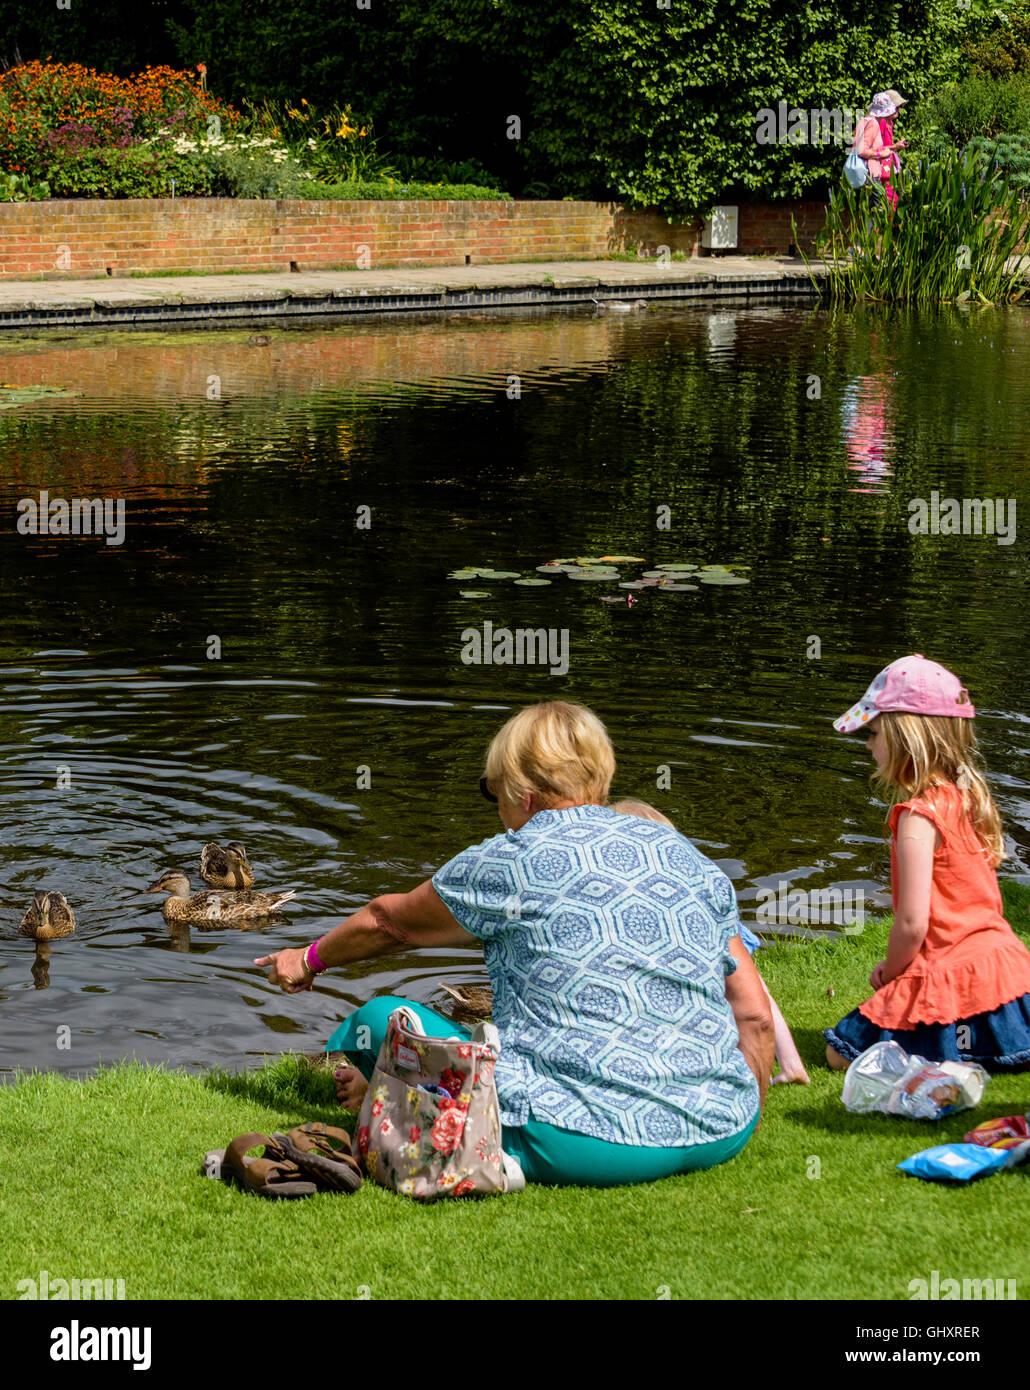 Alimentar a los patos en un estanque. Imagen De Stock